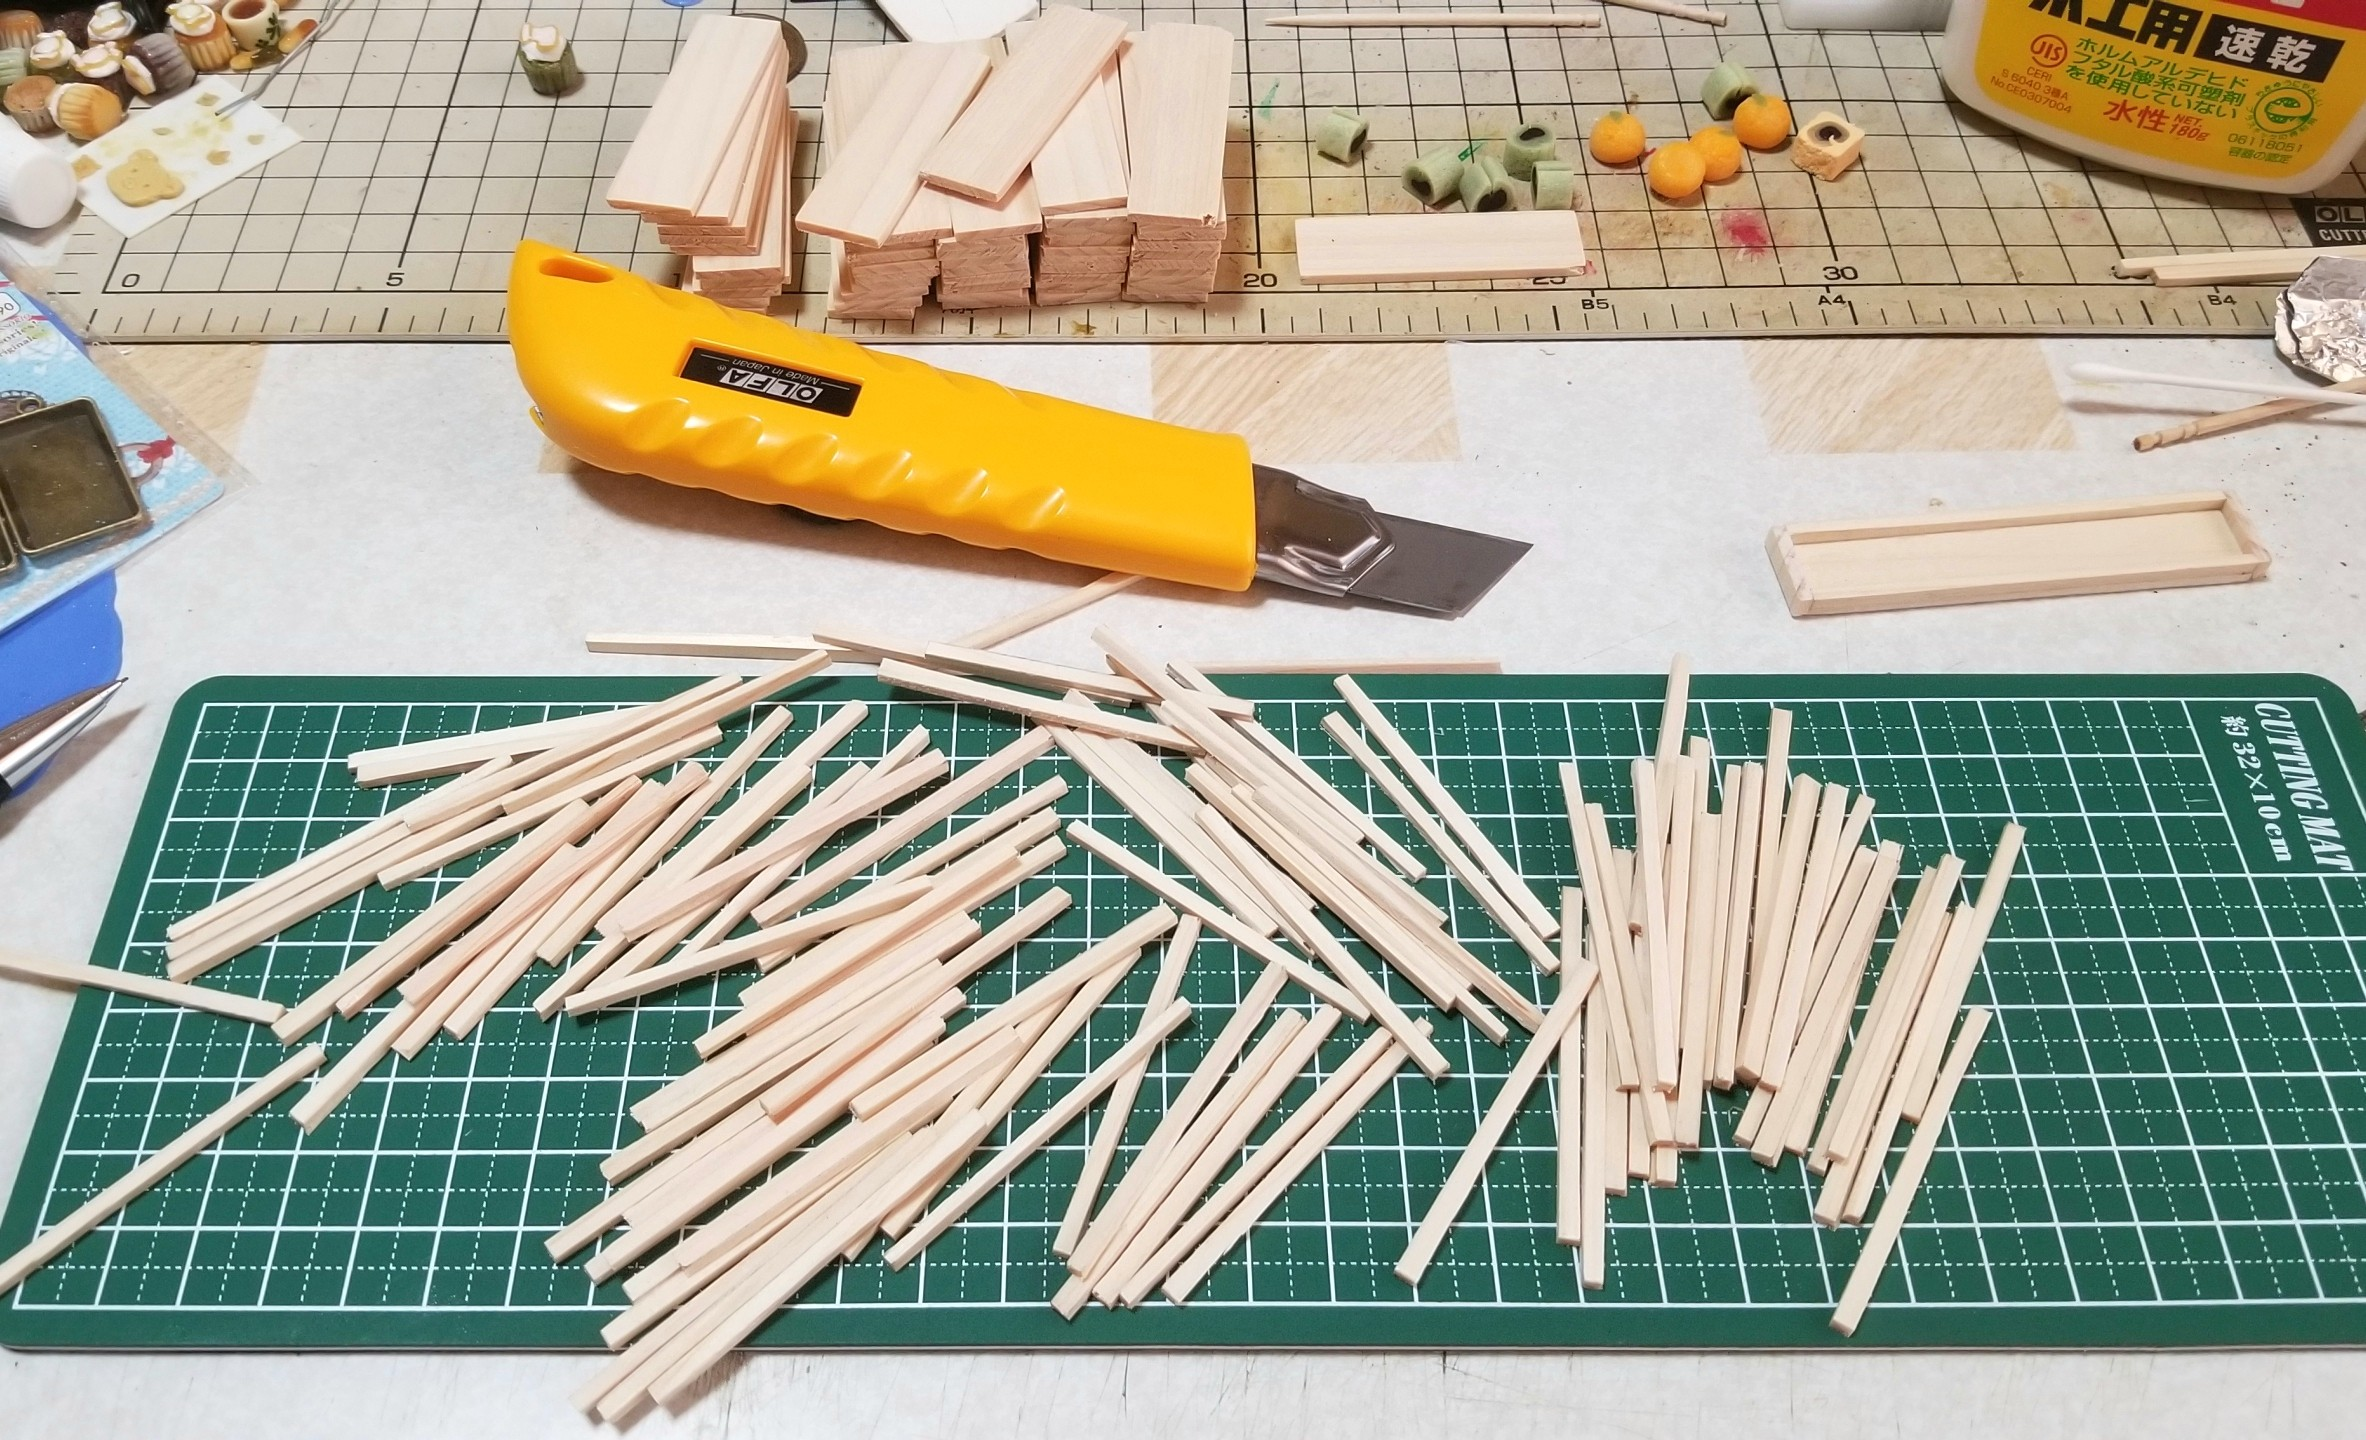 ミニチュアフード,木製トレー,箱,作り方,ヒノキ,桧,ハンドメイド